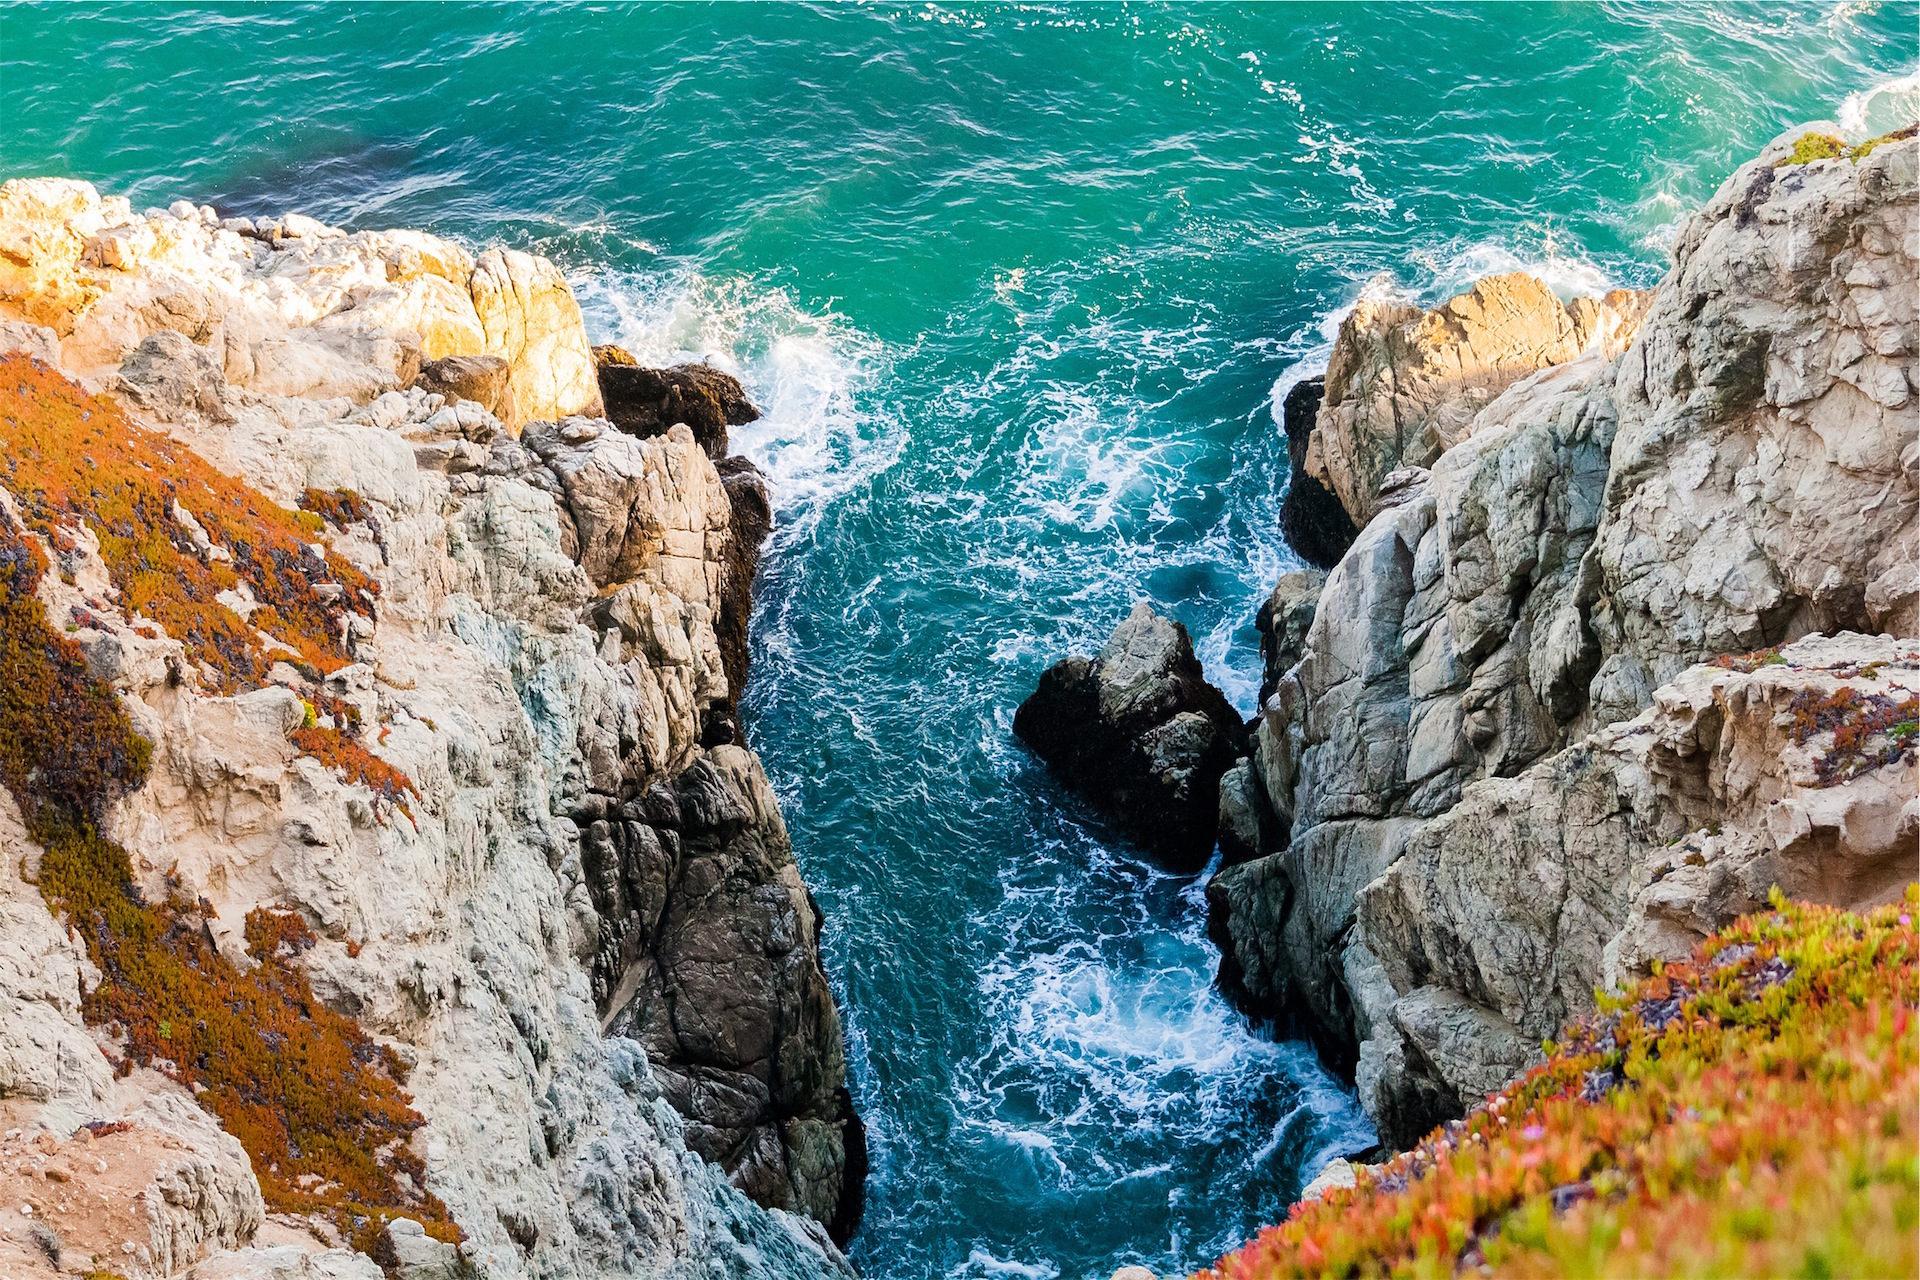 崖, 海, ロカス, 水, peligro - HD の壁紙 - 教授-falken.com